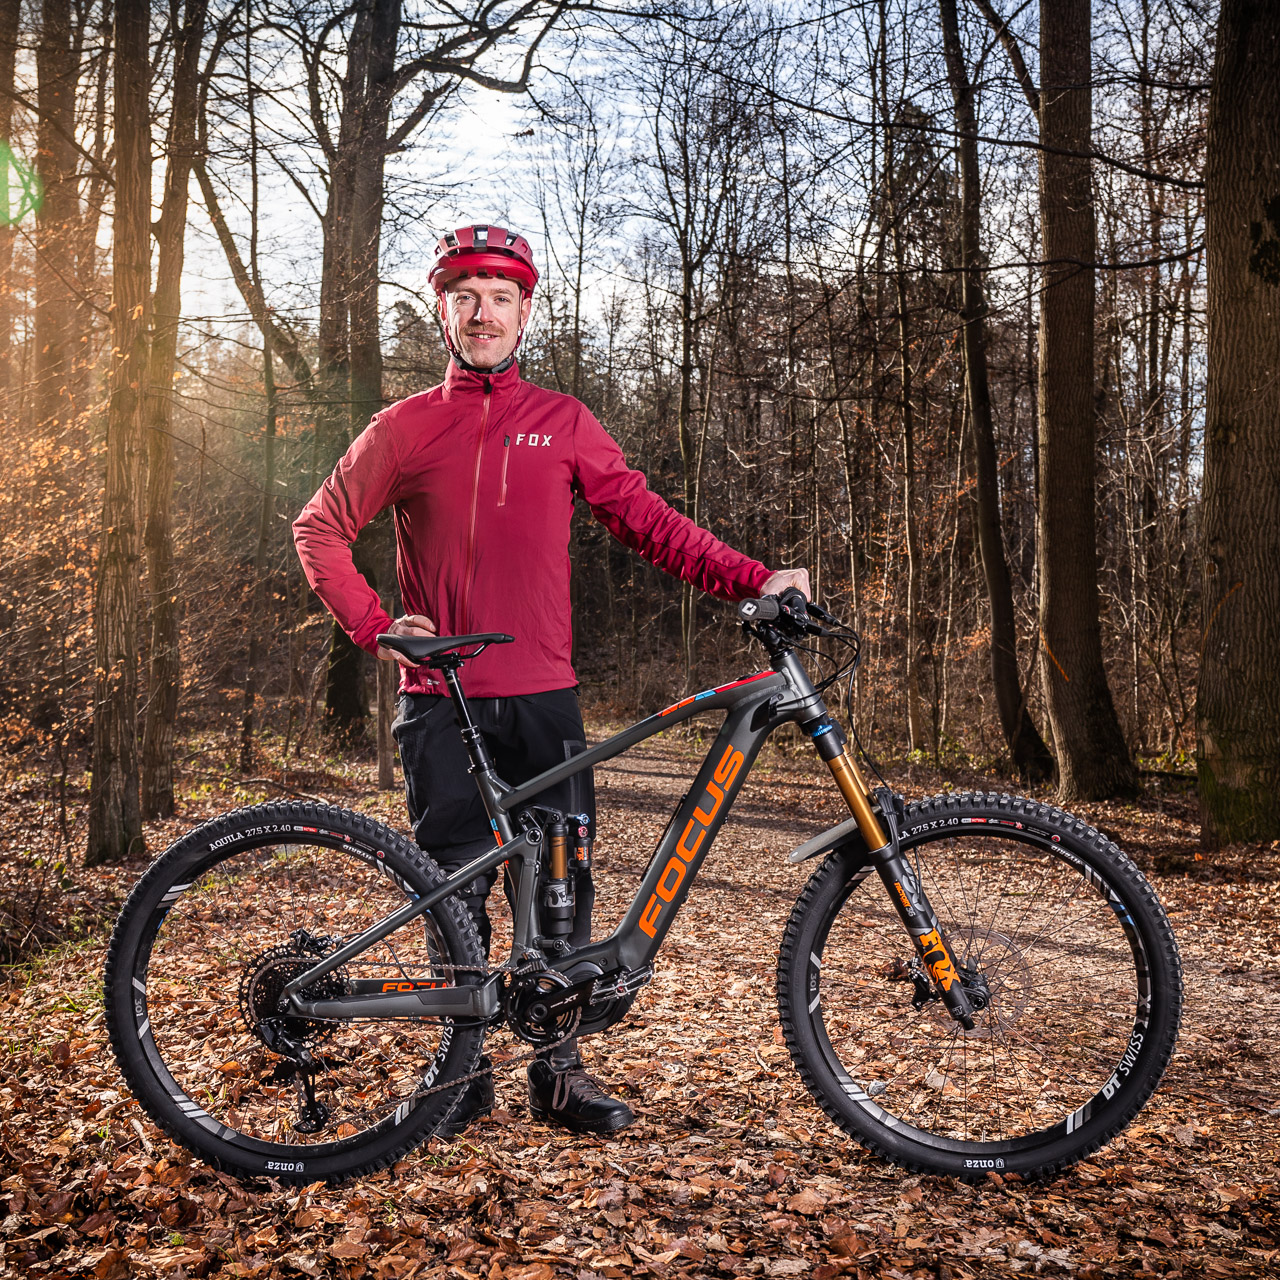 FOCUS-Bikes-E-MTB-Reach-Test-2019-_MG_8387